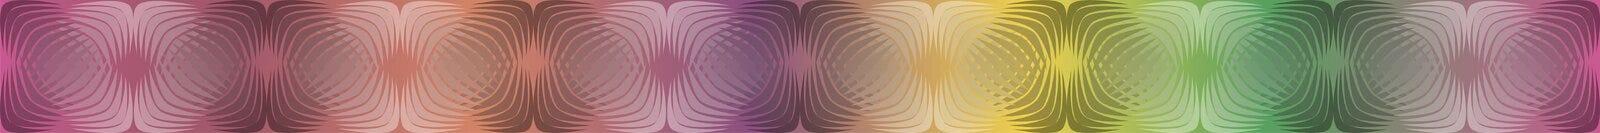 Geometrische patronen met gradiëntvulling 10 vector illustratie